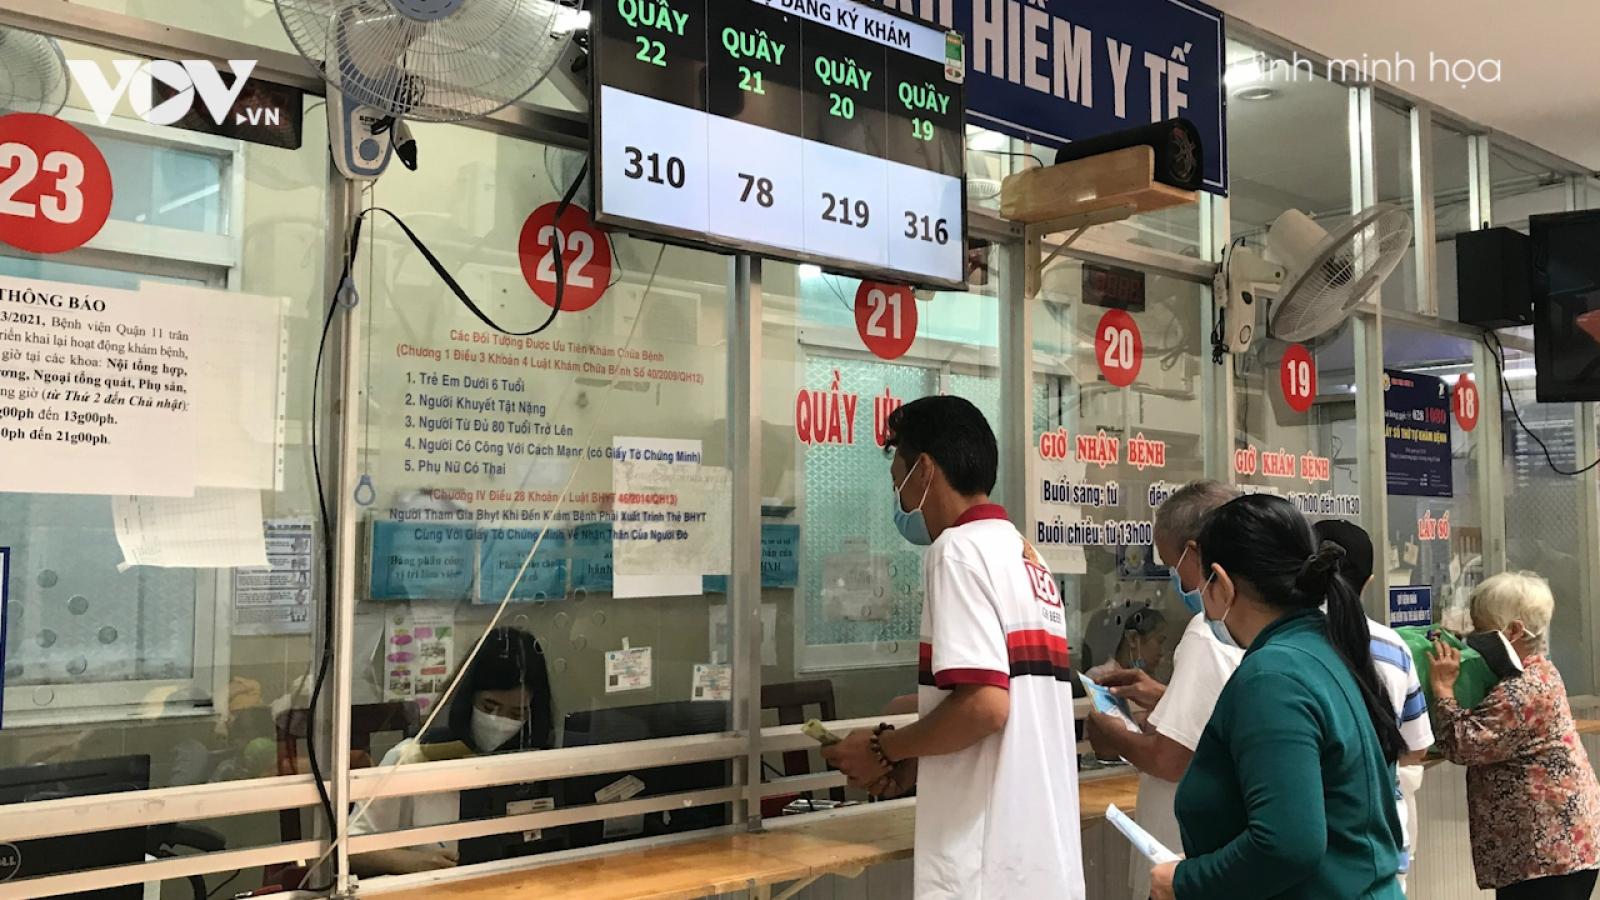 Nóng 24h: Khám bảo hiểm y tế tới 80 lần chỉ trong 2 tháng, bệnh nhân có dấu hiệu trục lợi